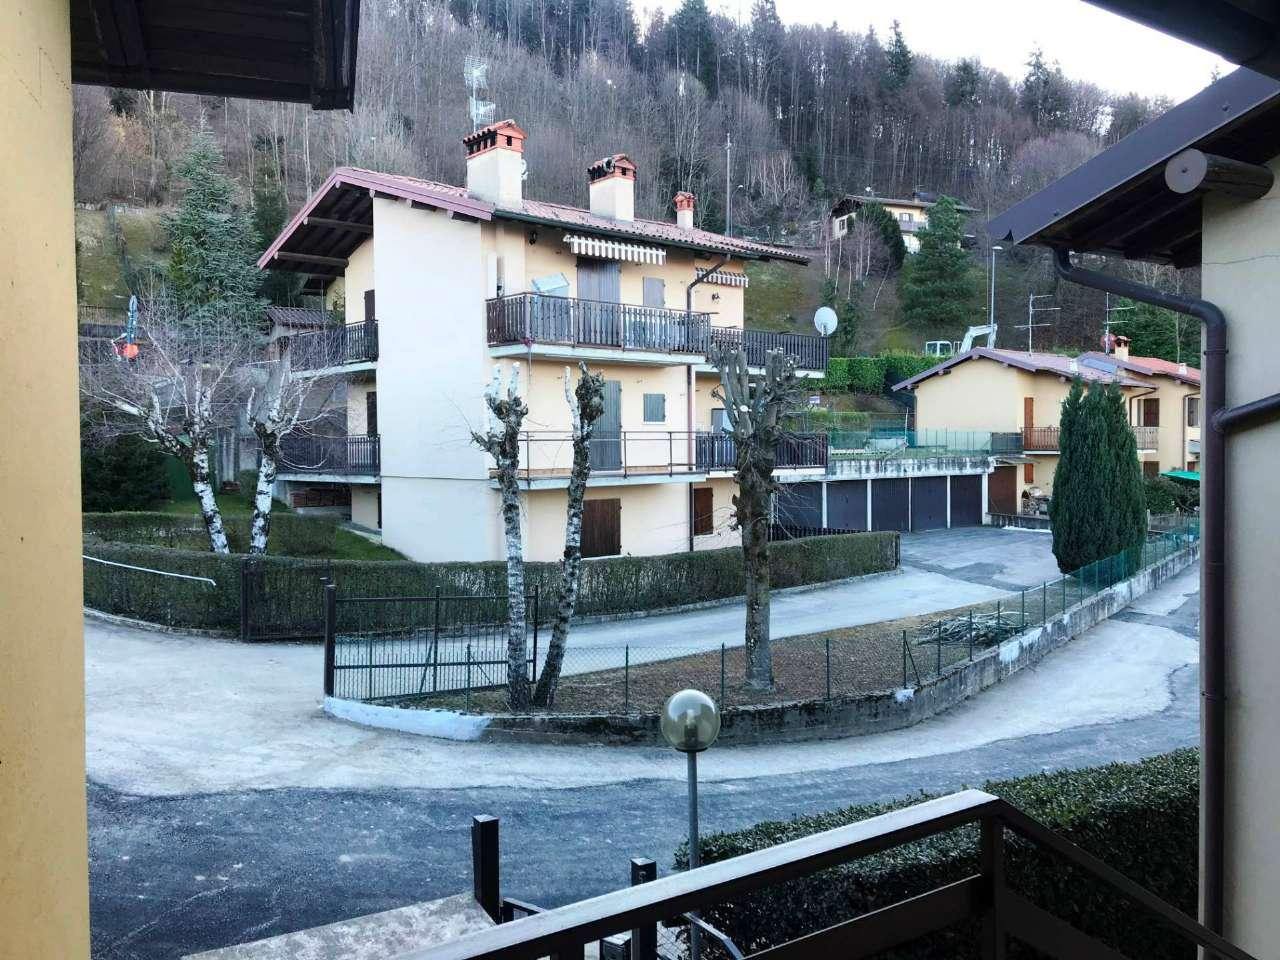 Appartamento in vendita a Zogno, 3 locali, prezzo € 59.000 | CambioCasa.it